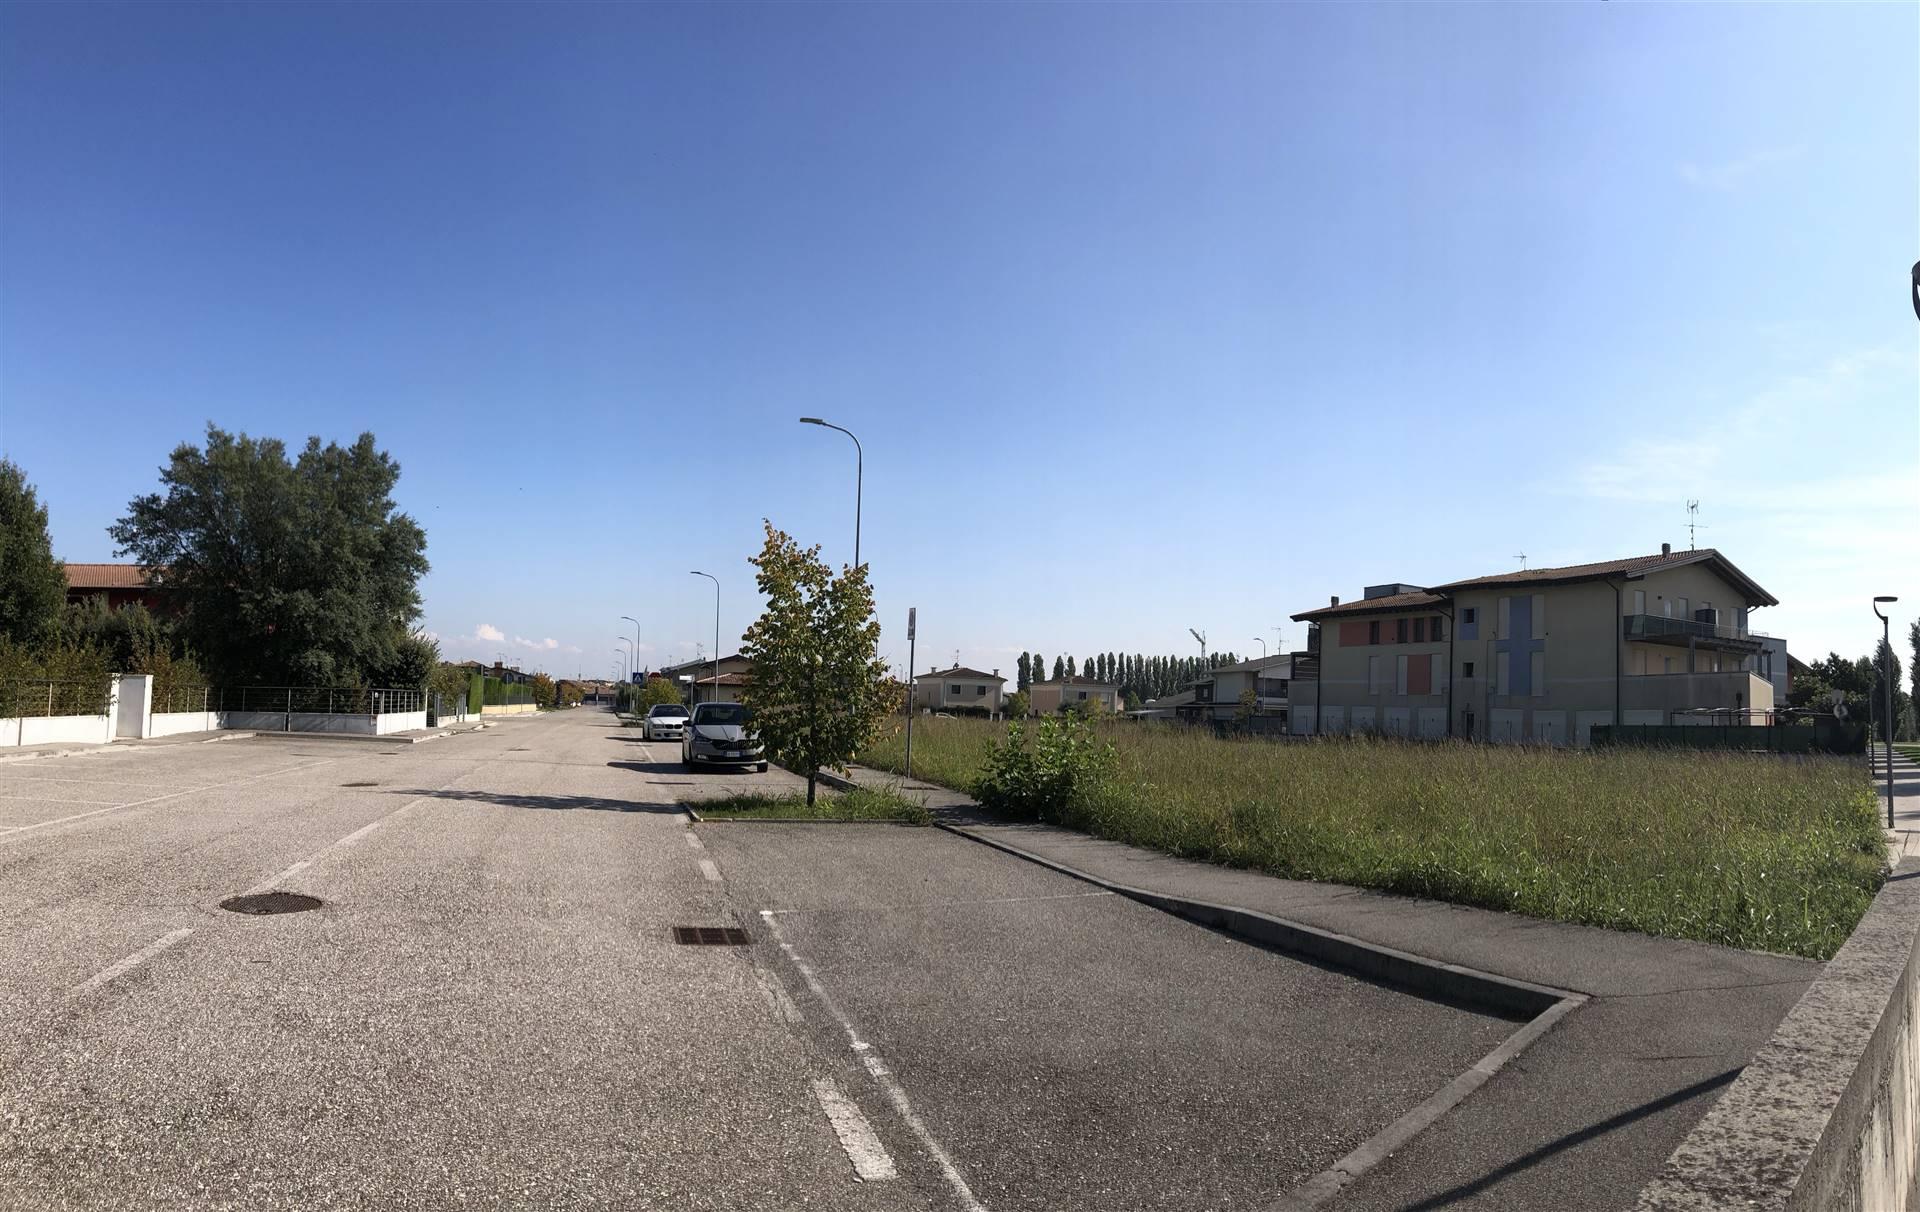 Terreno Edificabile Residenziale in vendita a Castel Goffredo, 9999 locali, prezzo € 125.000 | PortaleAgenzieImmobiliari.it